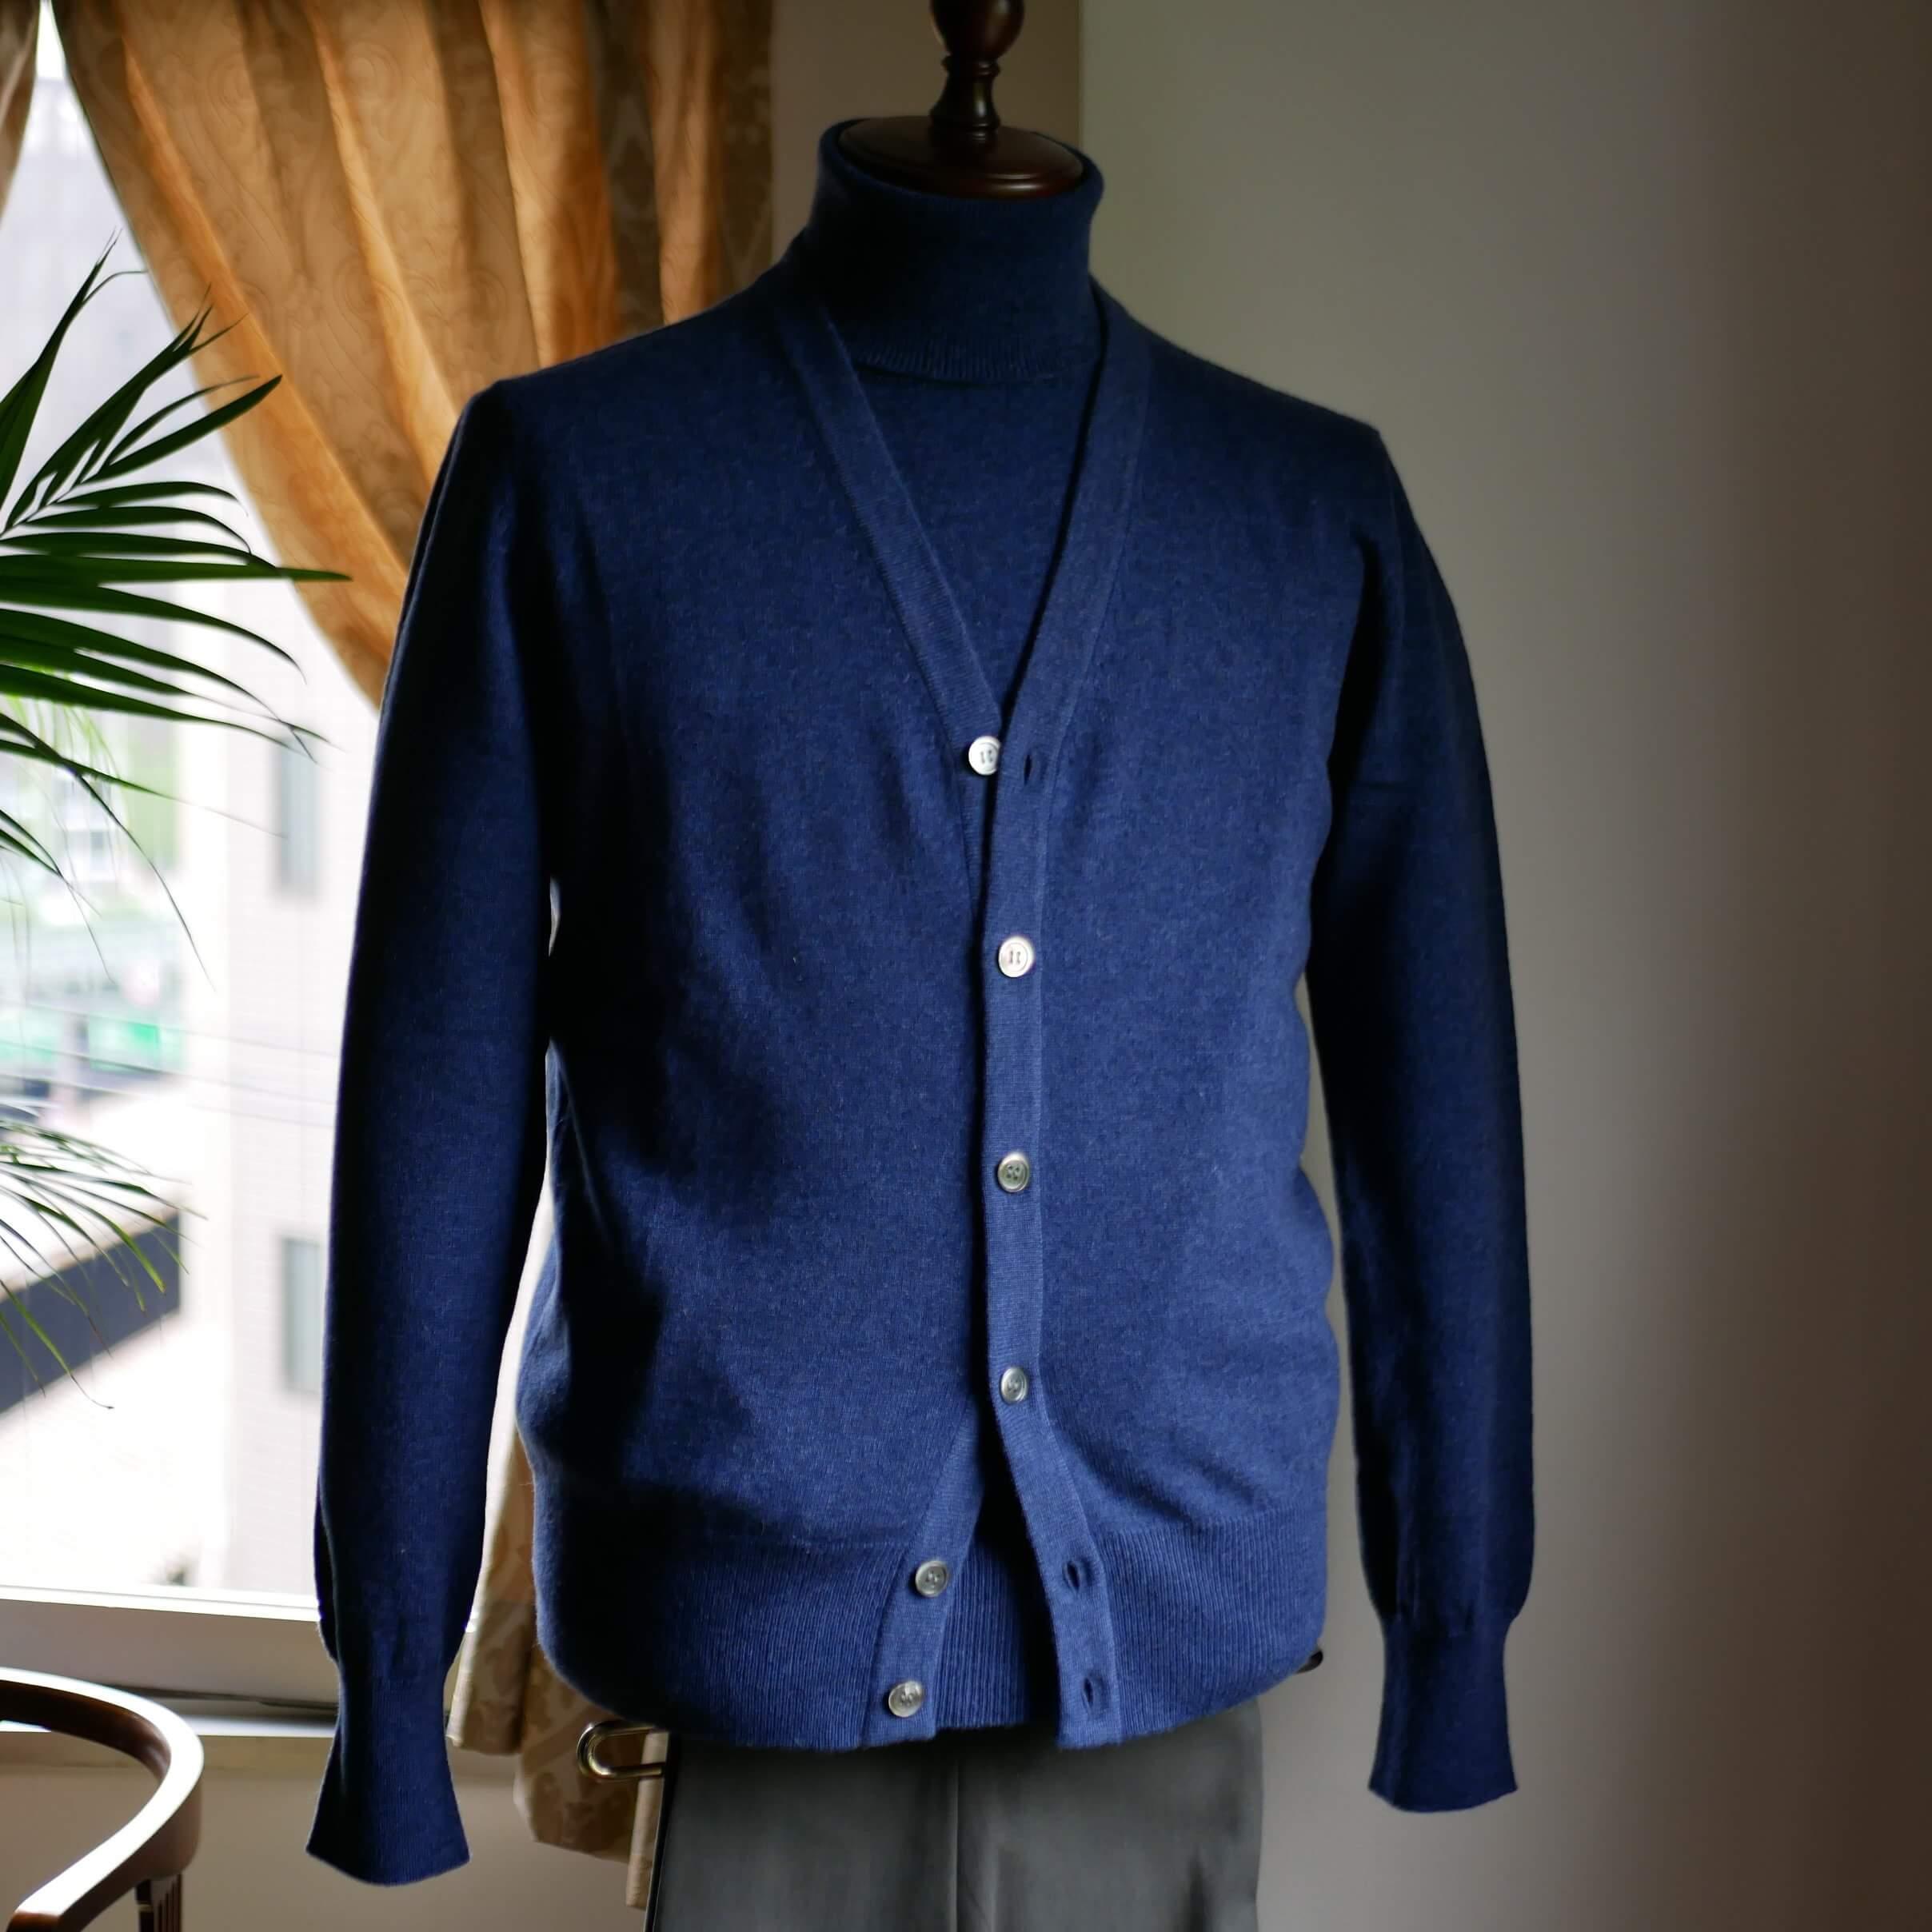 Knitwear_20201111_knitwear_14.jpg